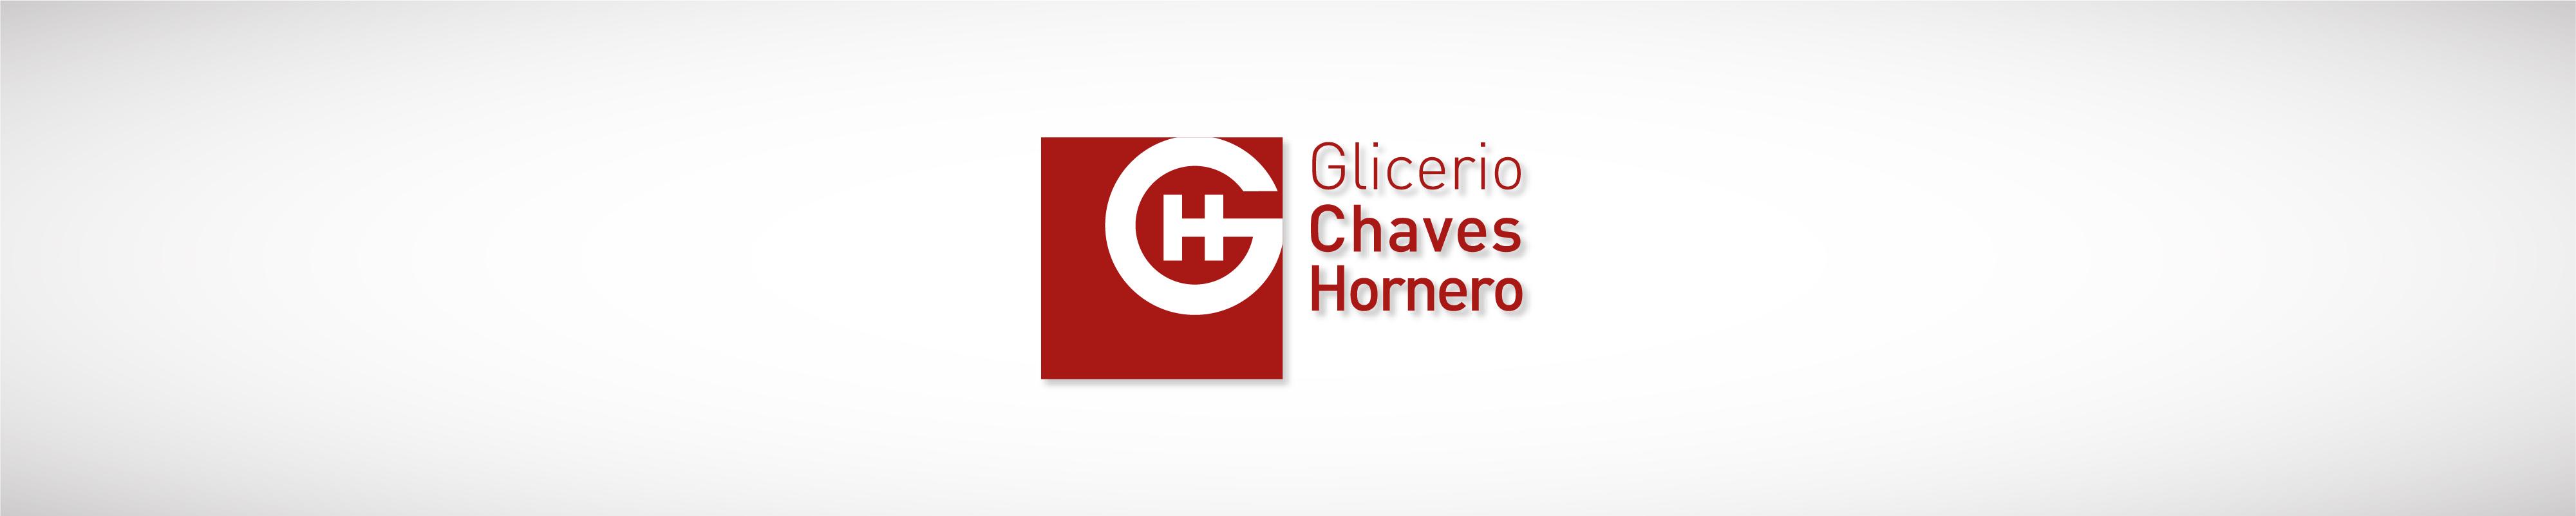 Logotipo Glicerio Chaves